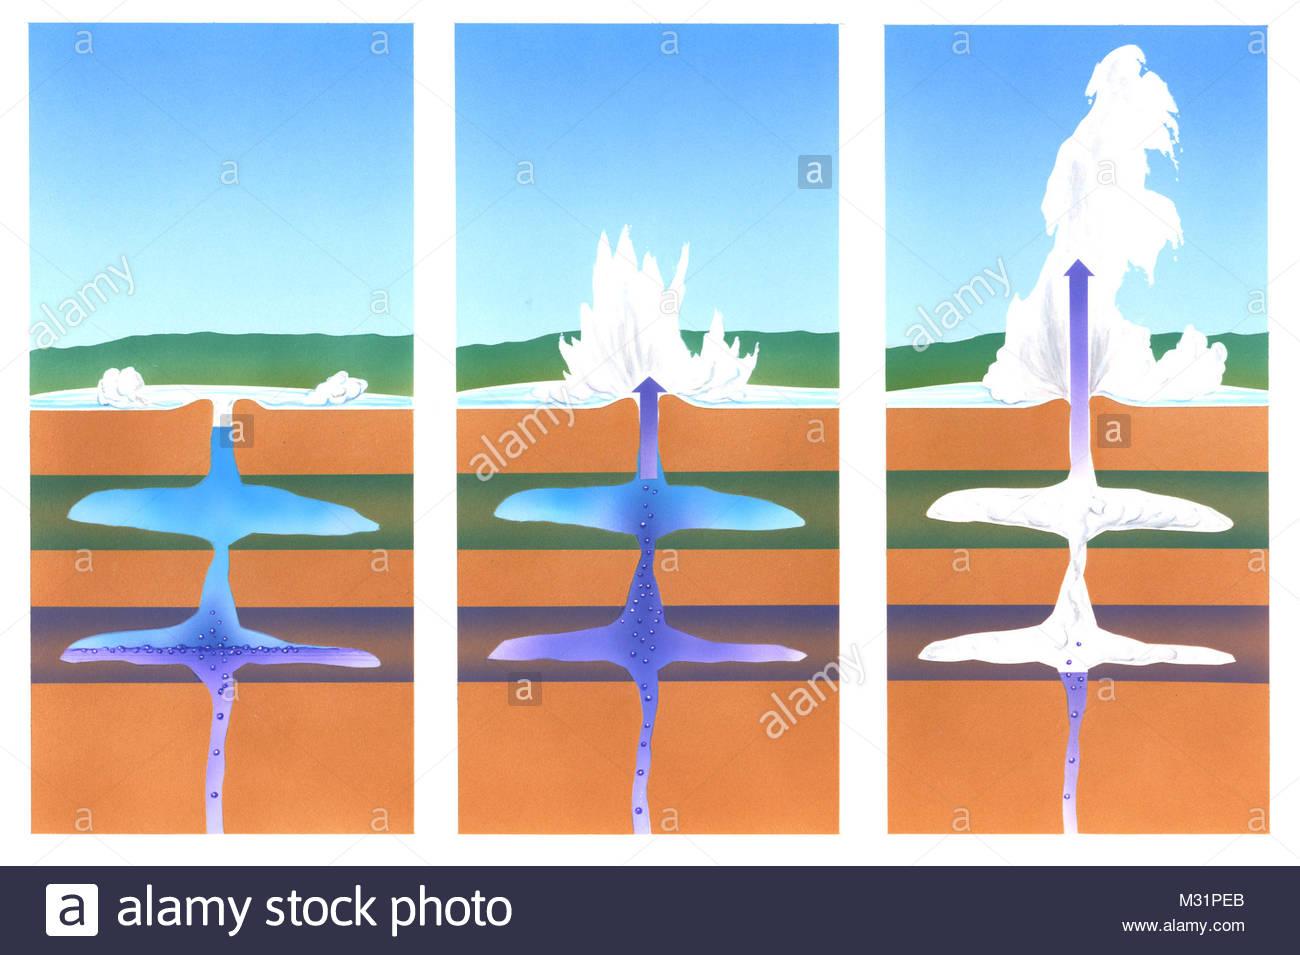 Geysir development scheme - Stock Image